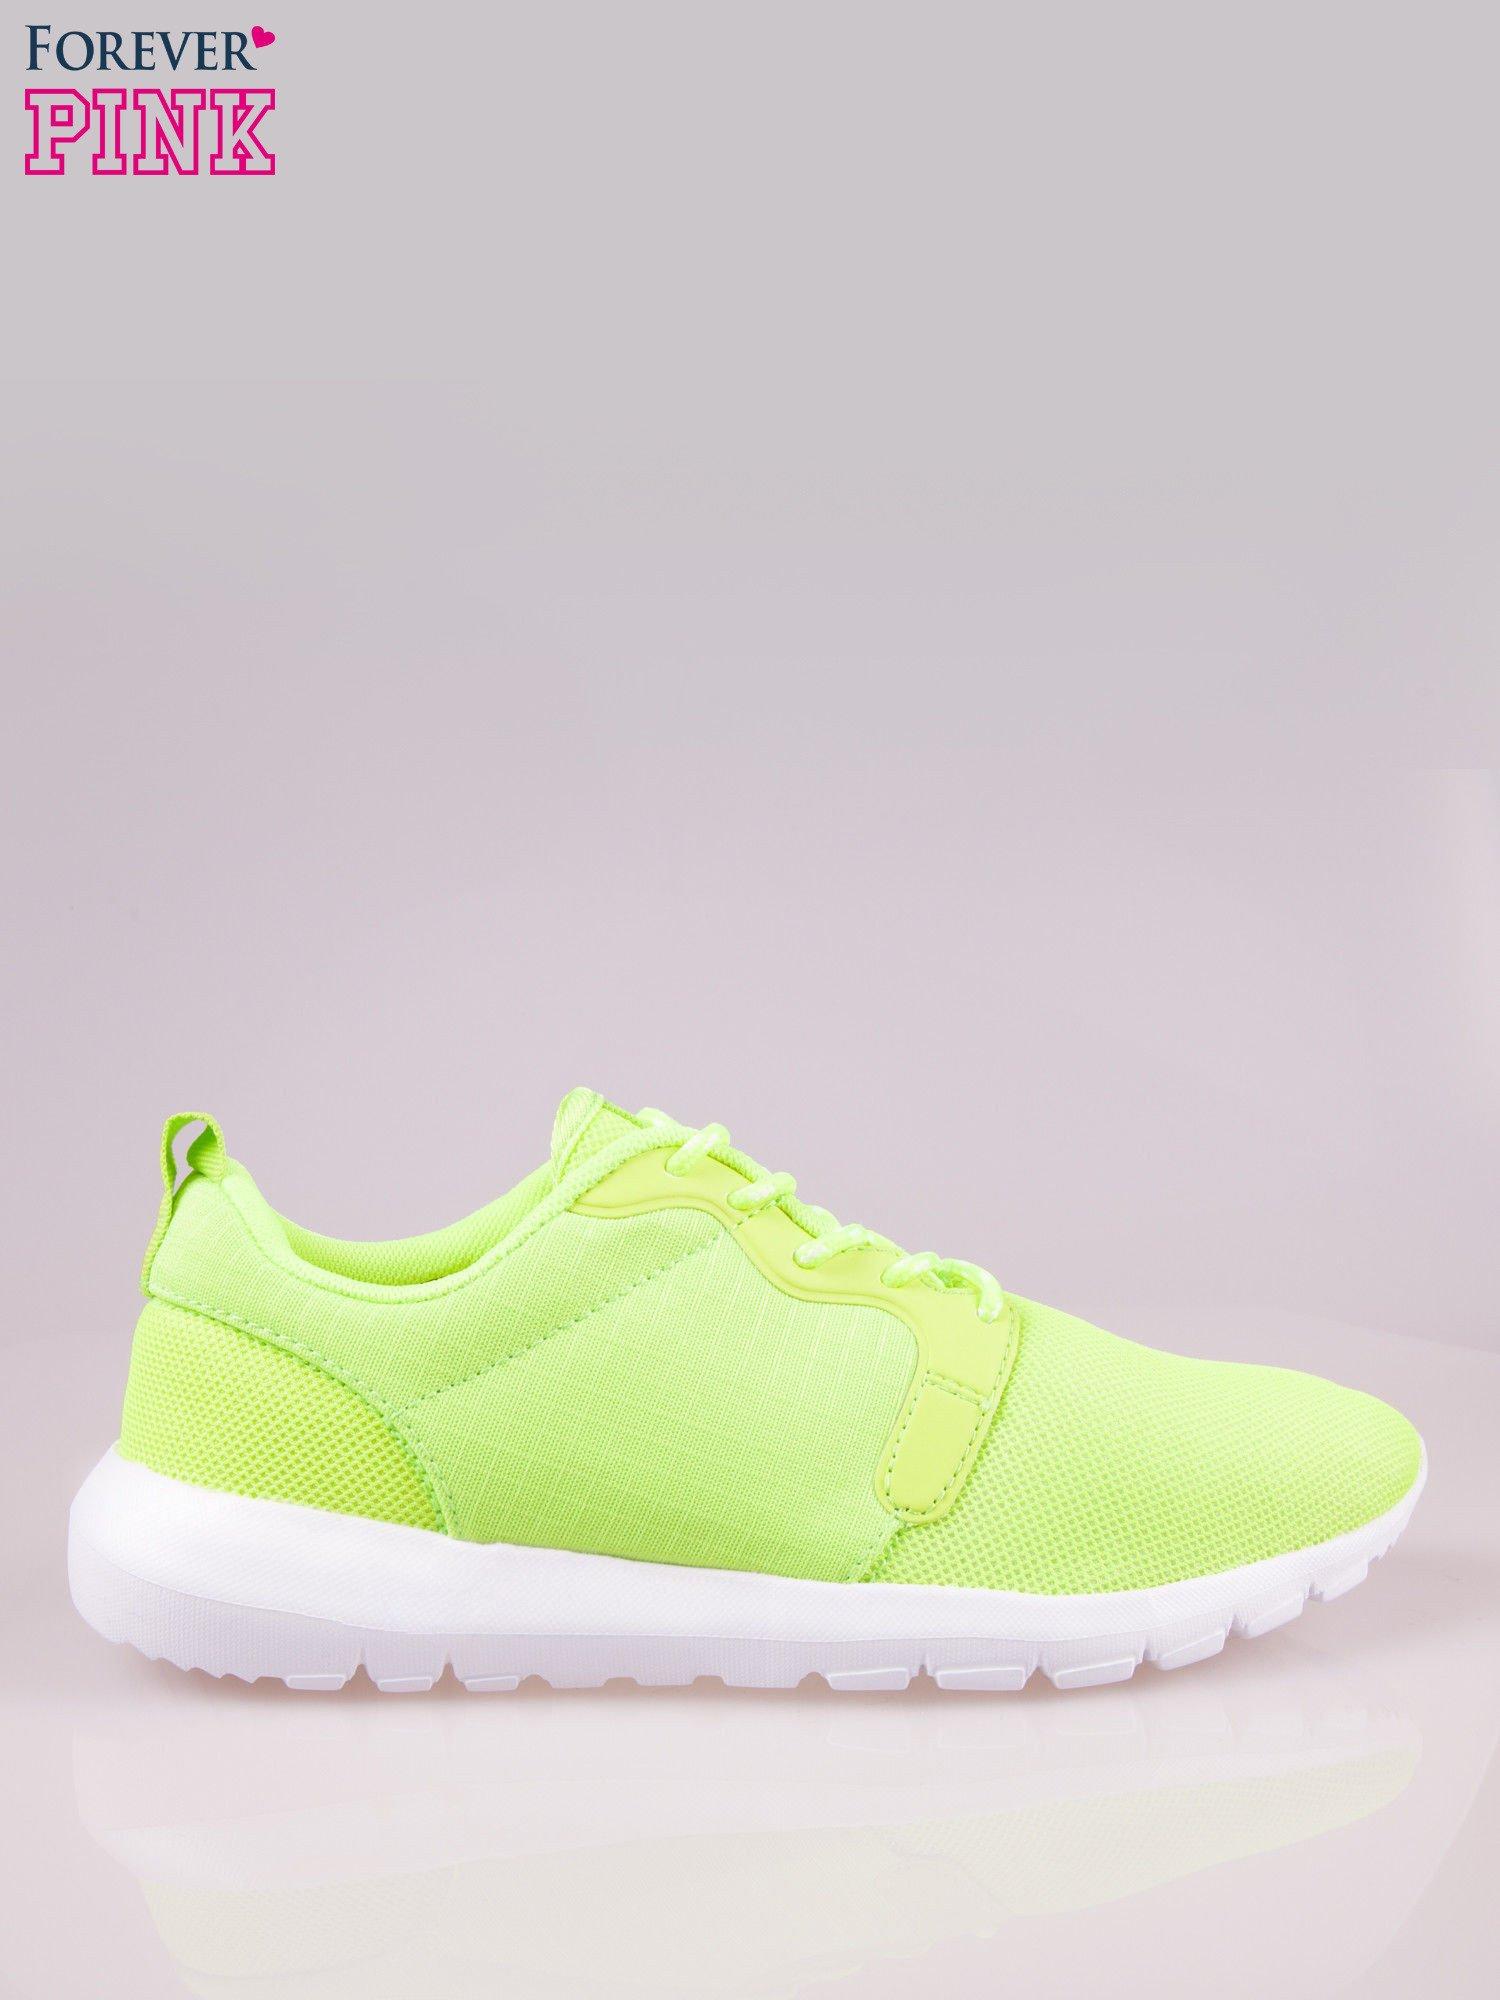 Fluozielone buty sportowe eco leather On Fire                                  zdj.                                  1